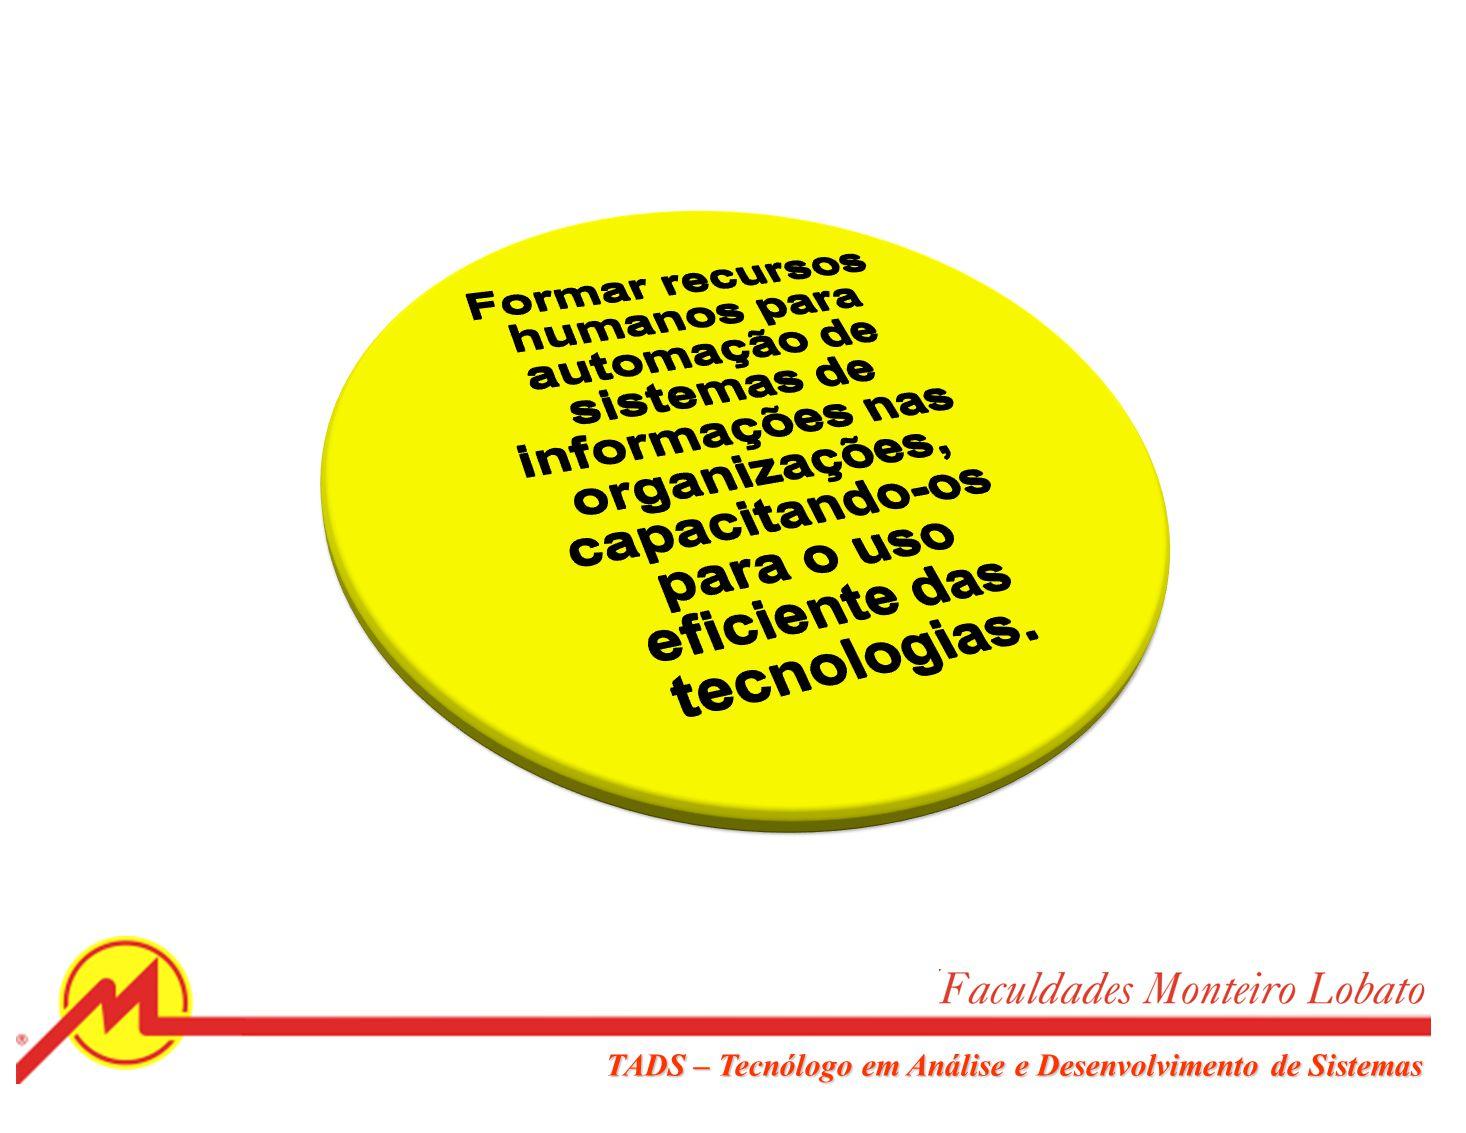 Formar recursos humanos para automação de sistemas de informações nas organizações, capacitando-os para o uso eficiente das tecnologias.